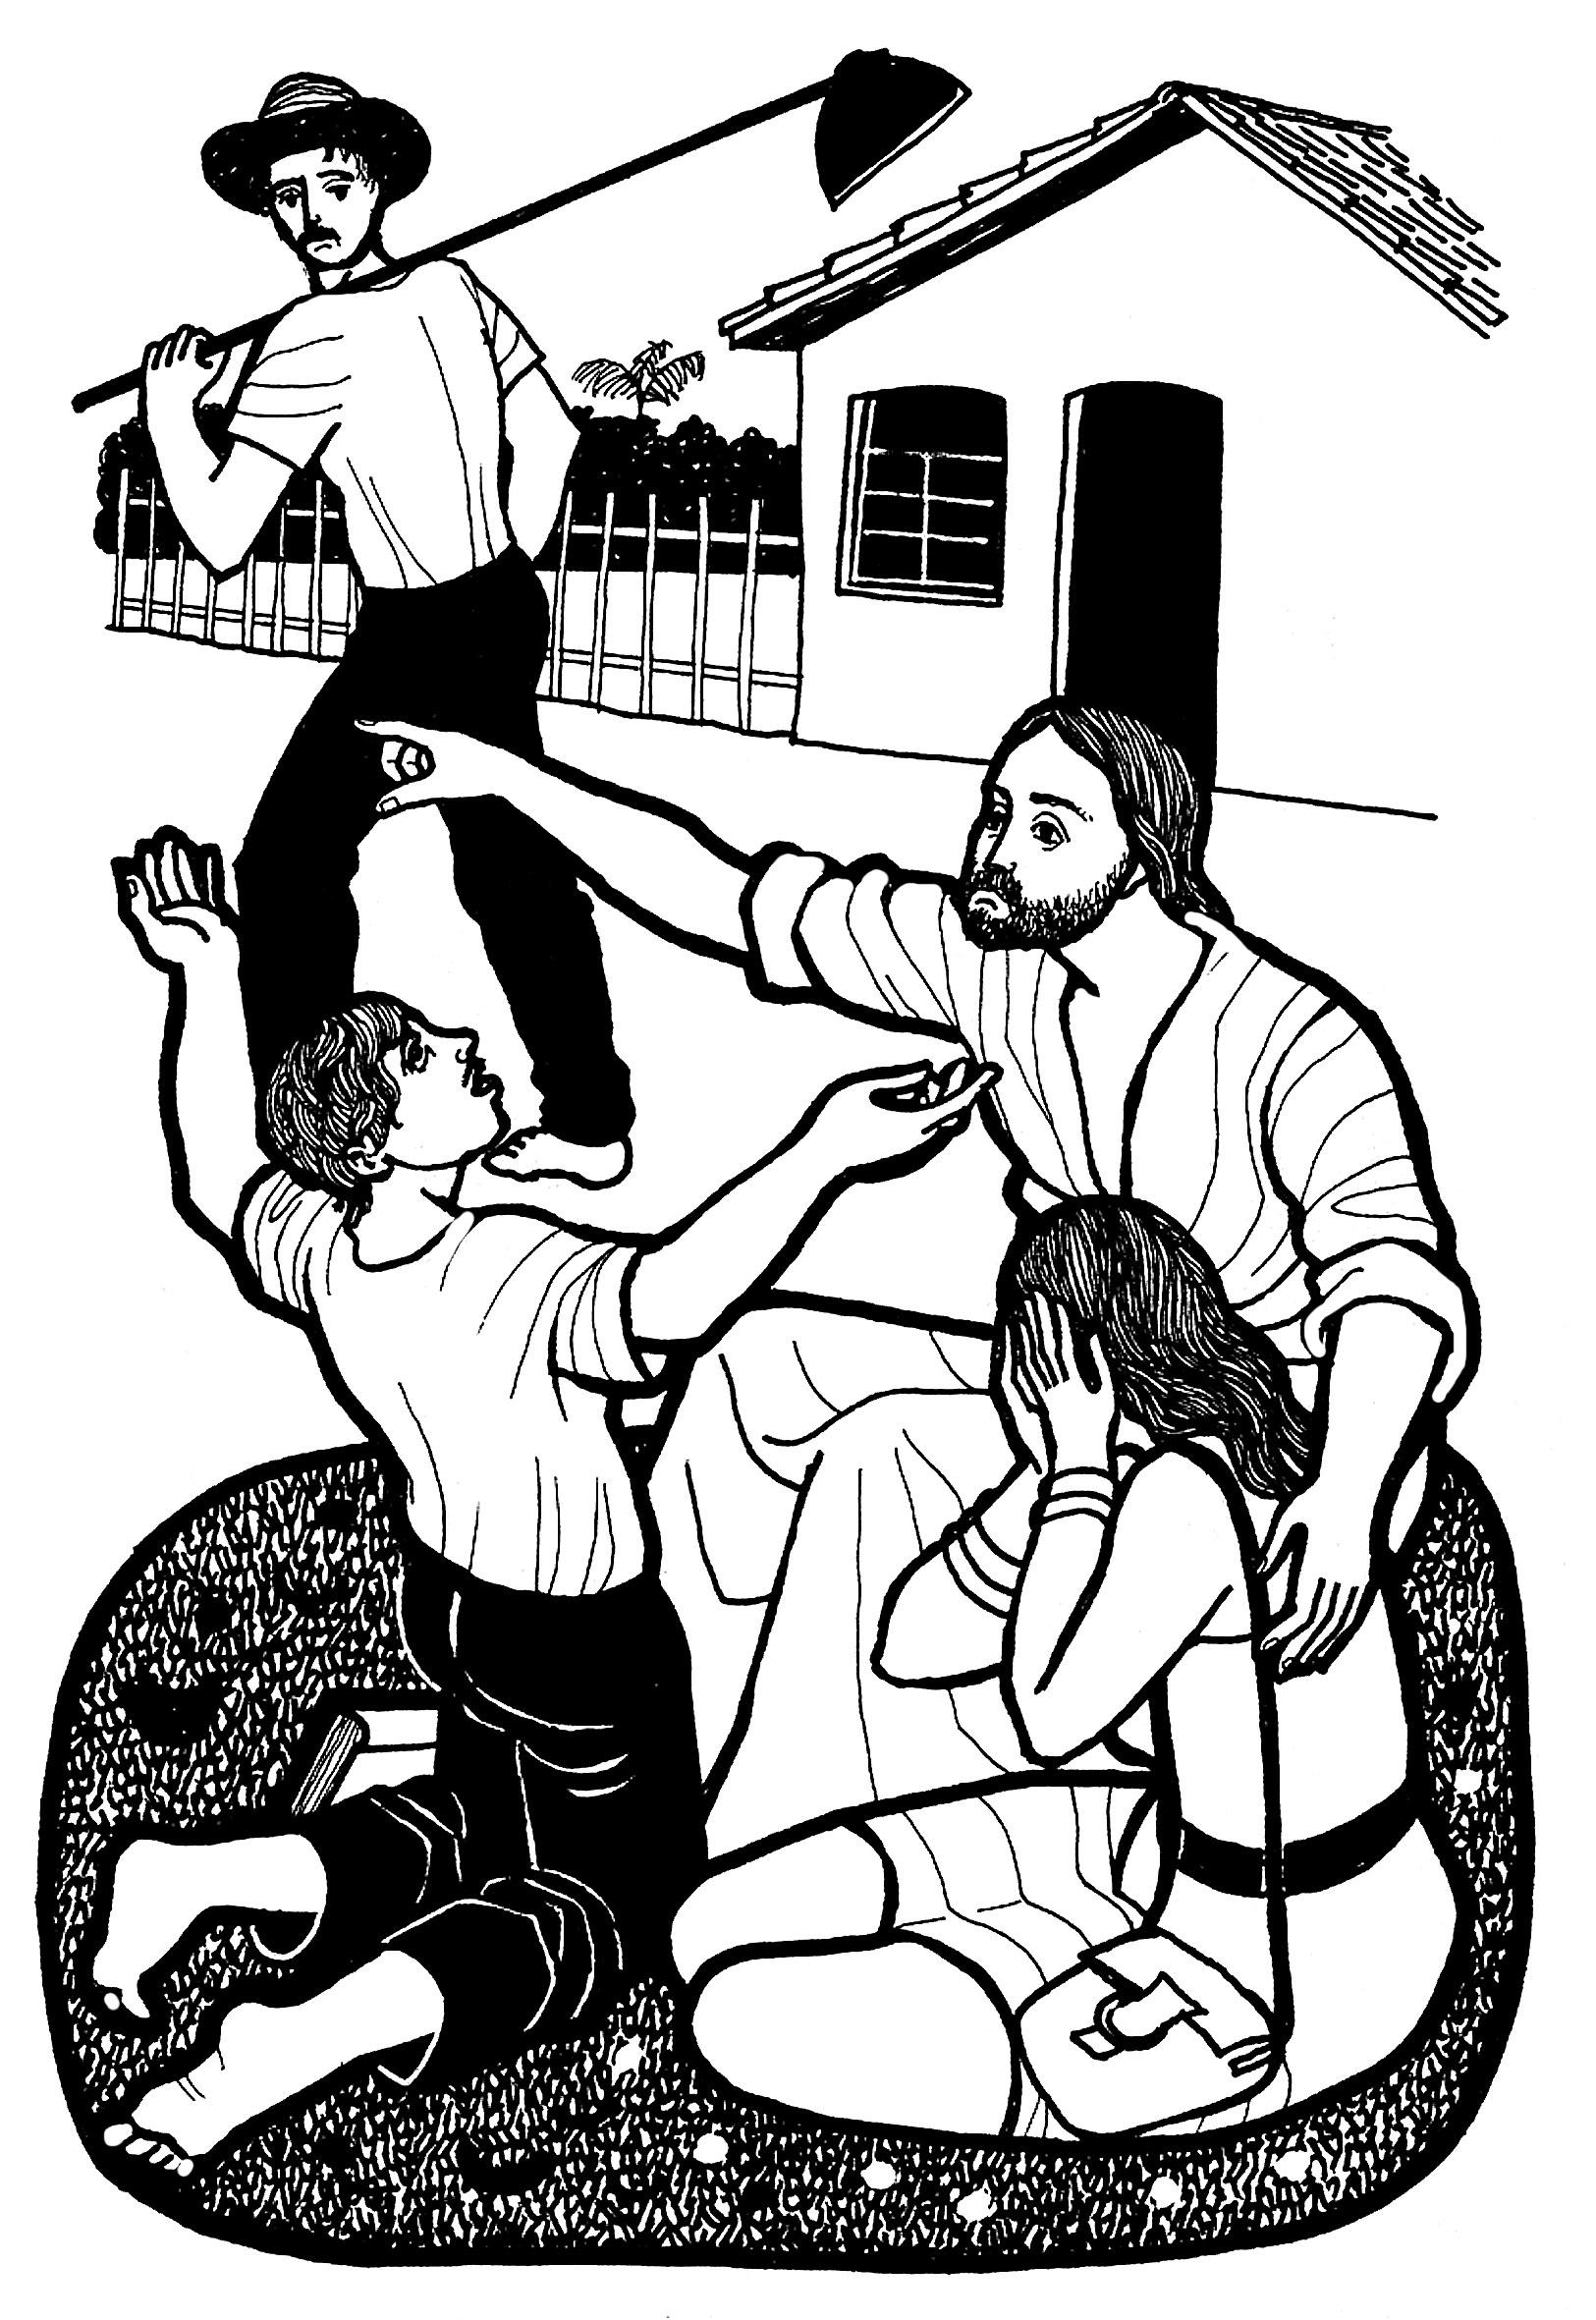 Evangelio del día - Lecturas del domingo, 1 de octubre de 2017